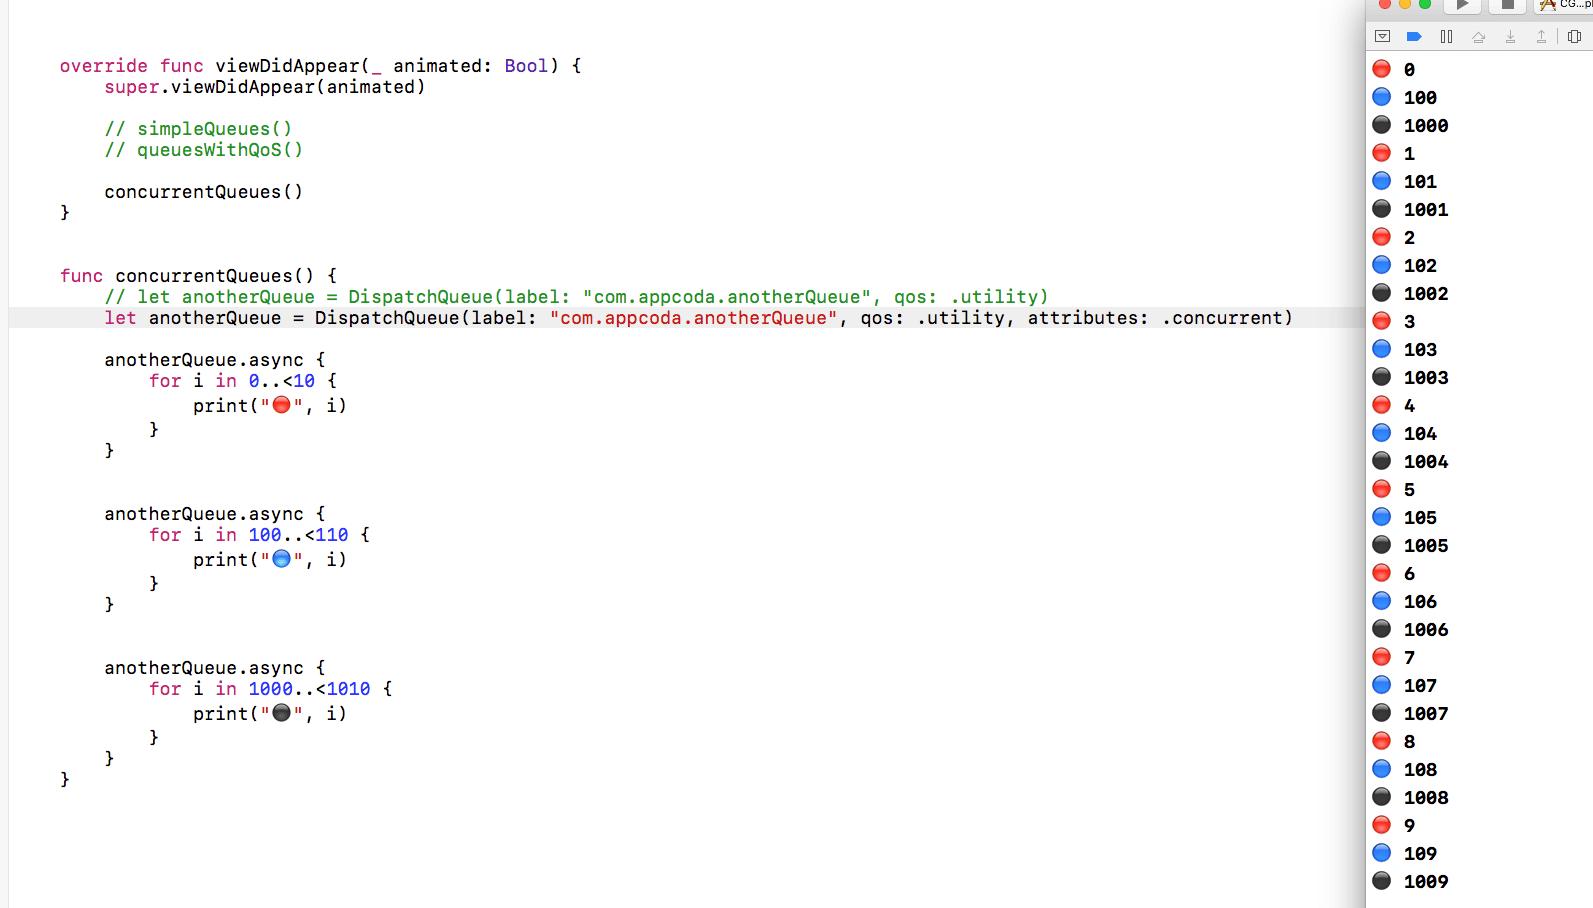 attributes: .concurren参数